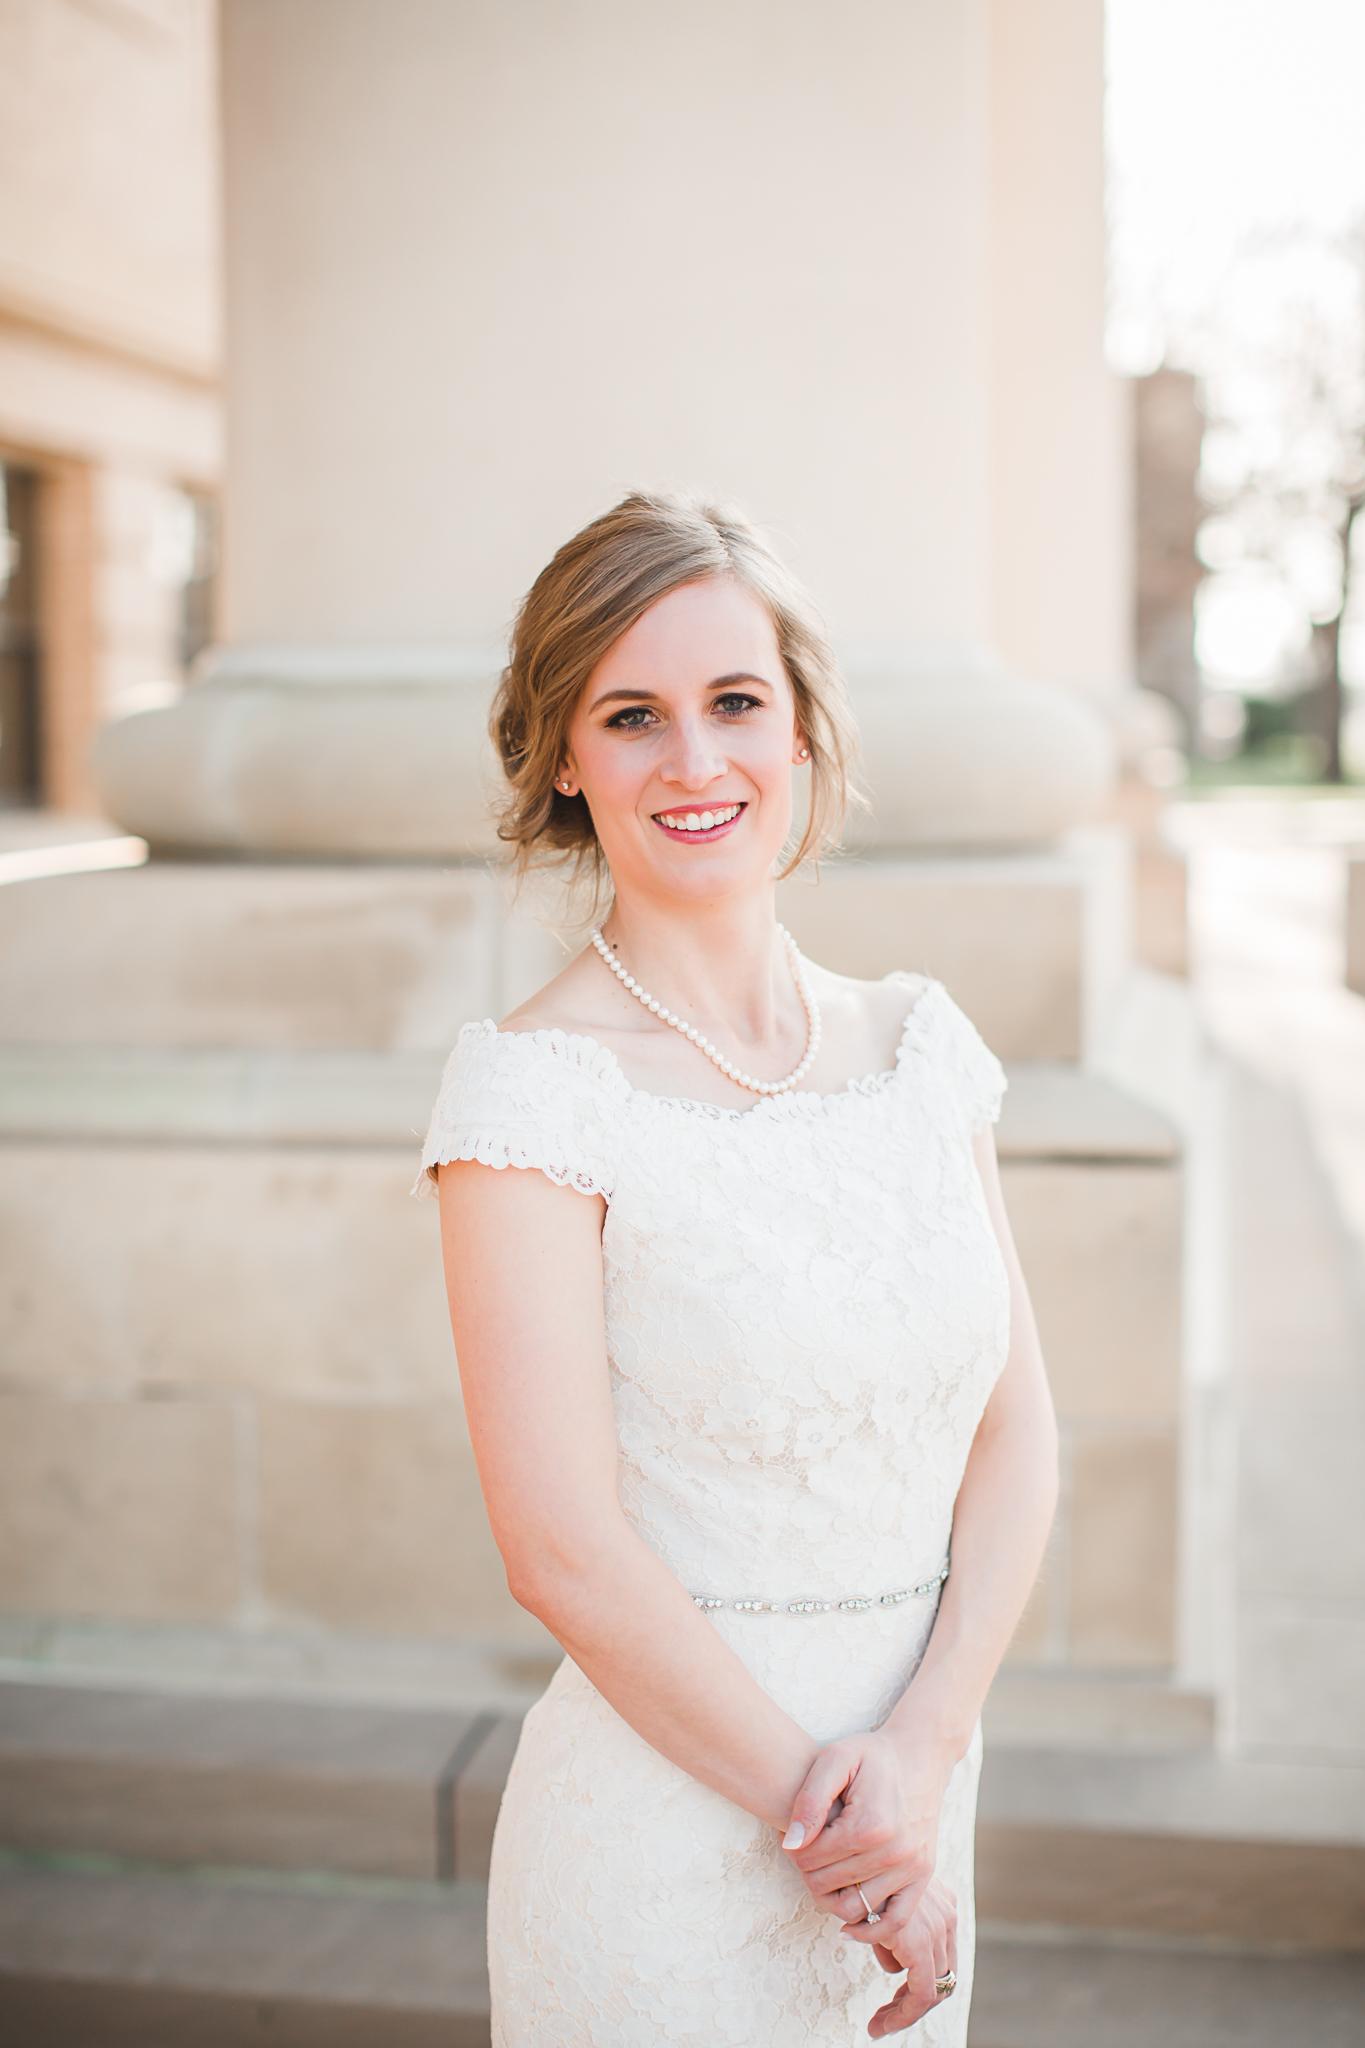 alyssa bridal blog-6.jpg